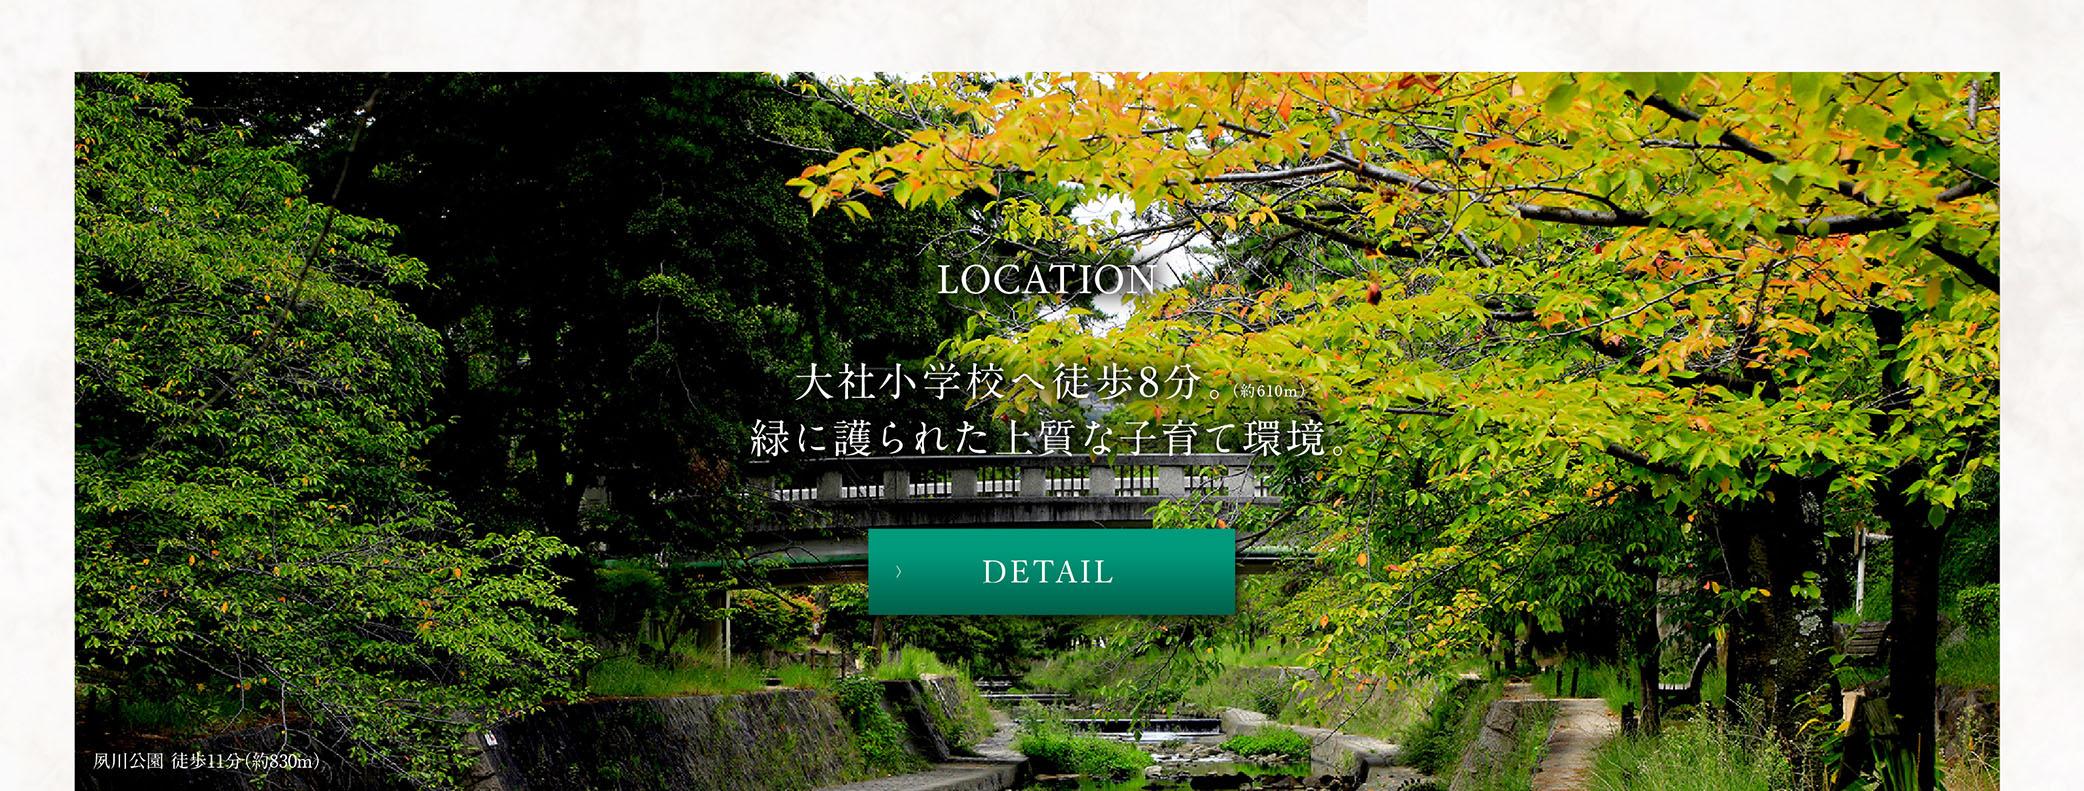 【城山プレミアム】コンセプト